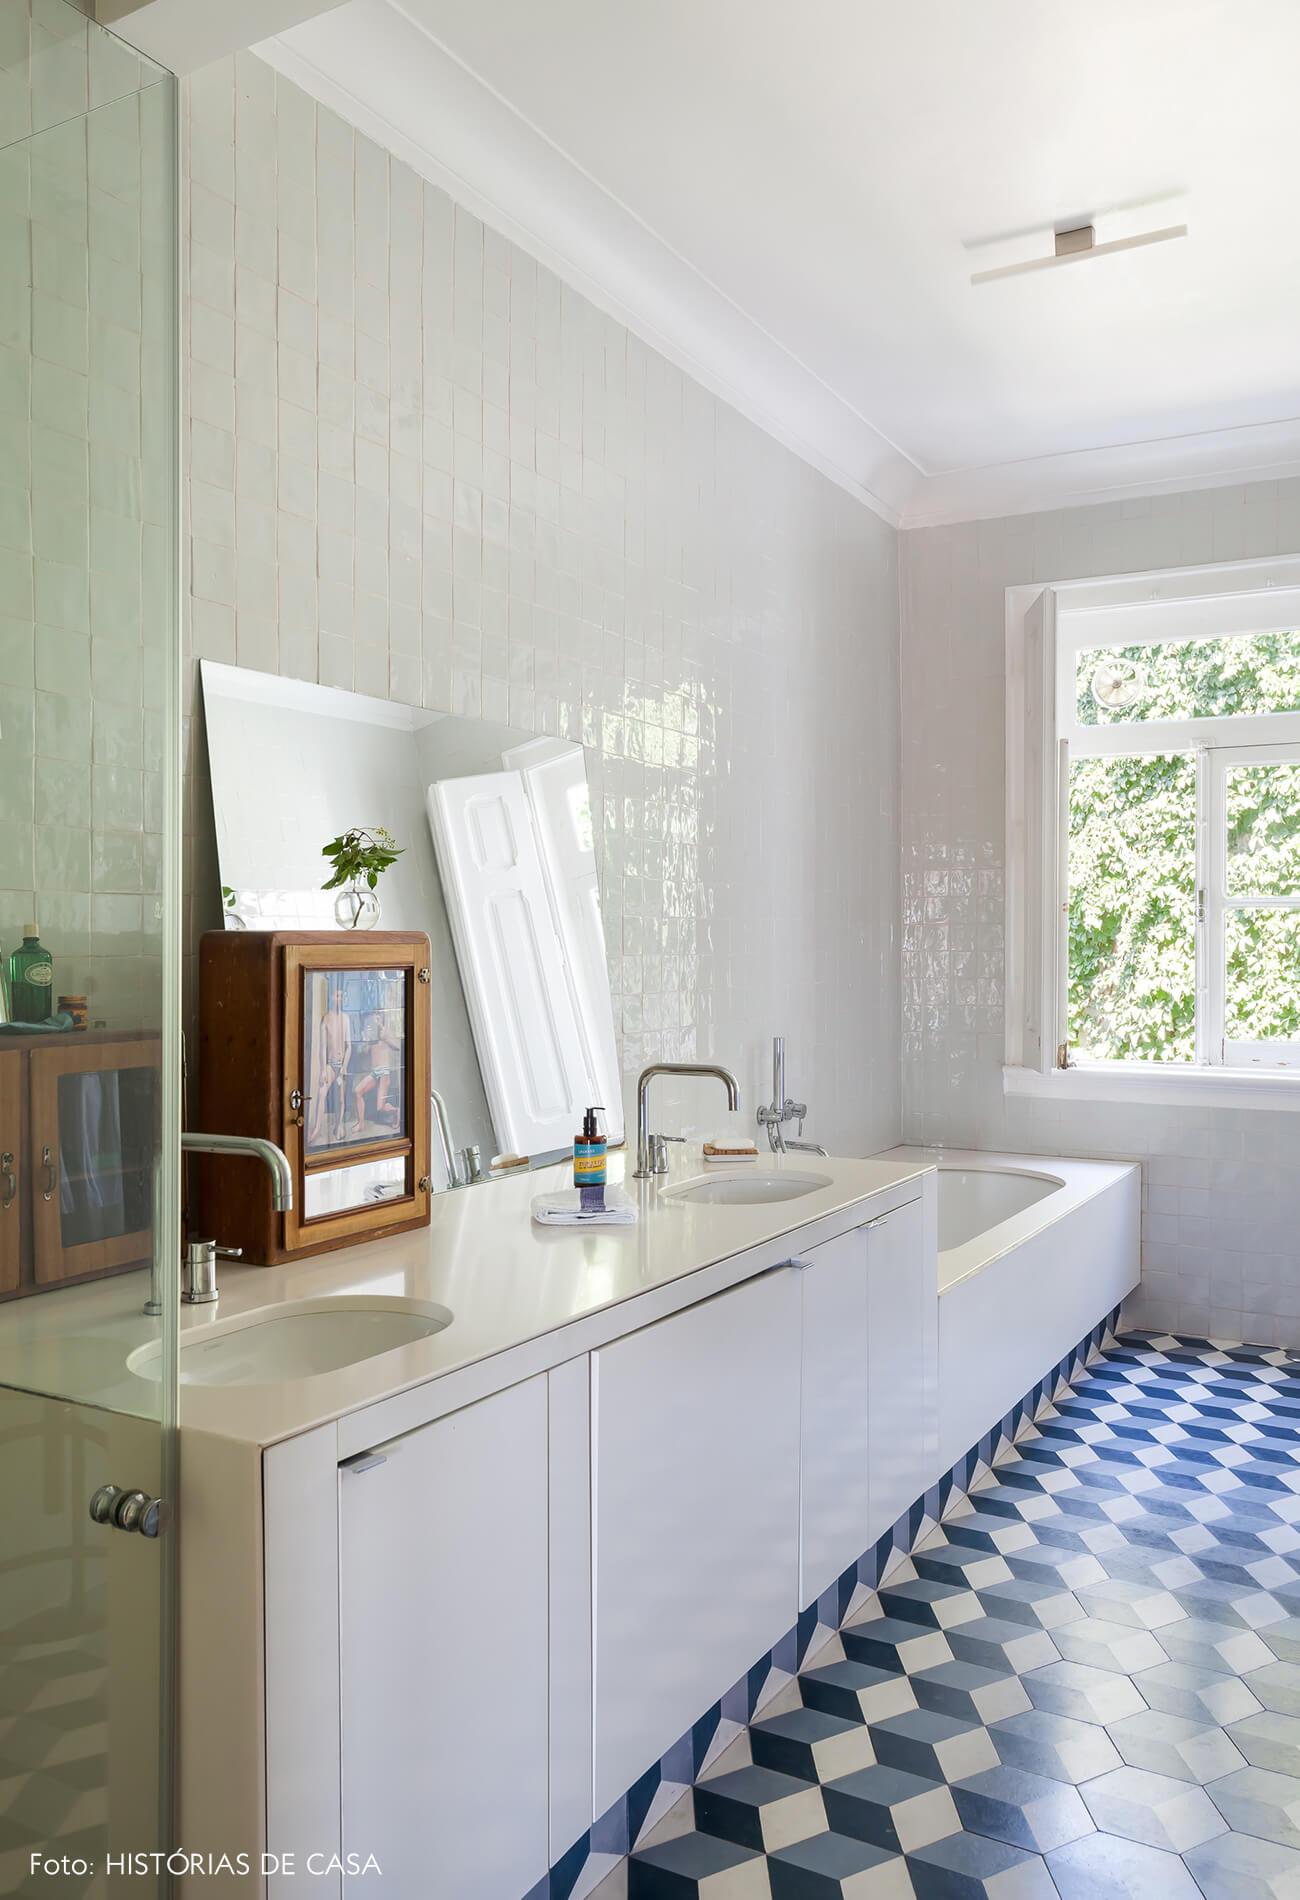 Ap decoração banheiro piso azul parede branca